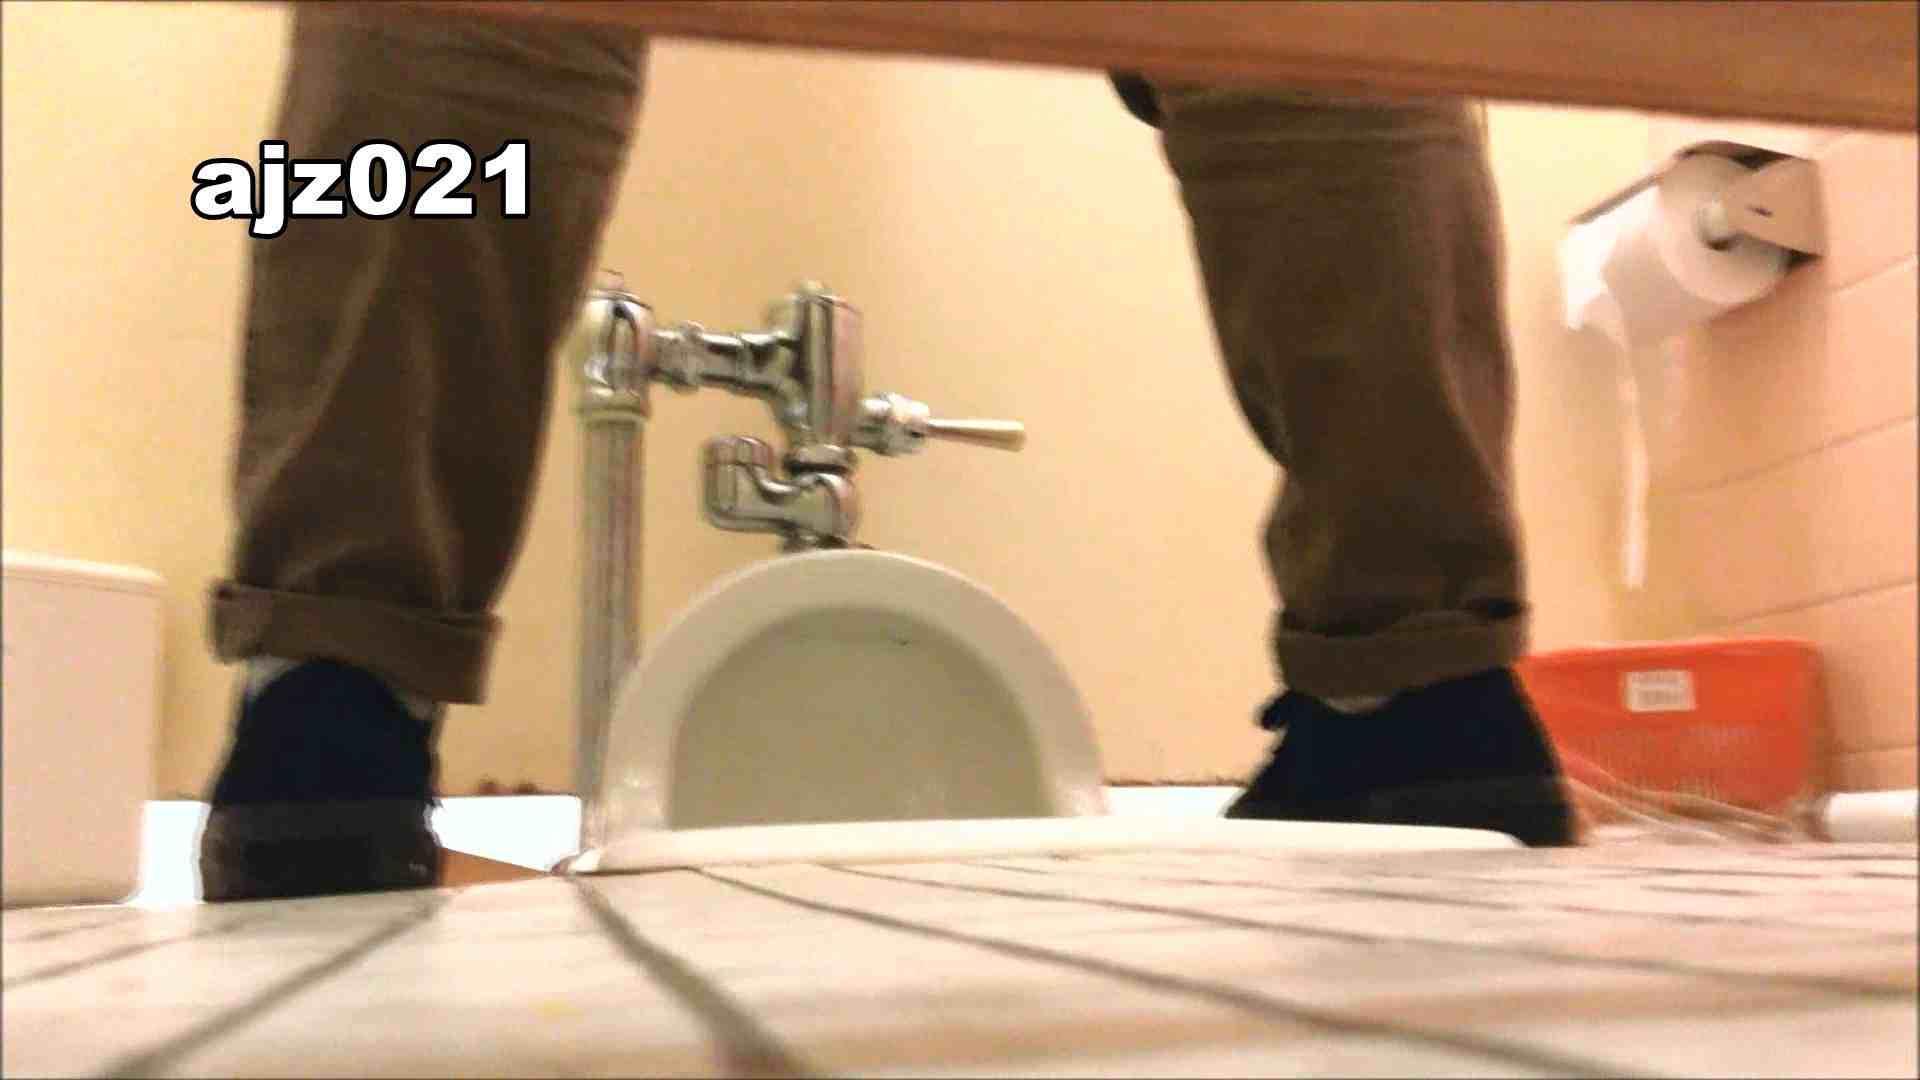 某有名大学女性洗面所 vol.21 投稿 オマンコ無修正動画無料 80PIX 35